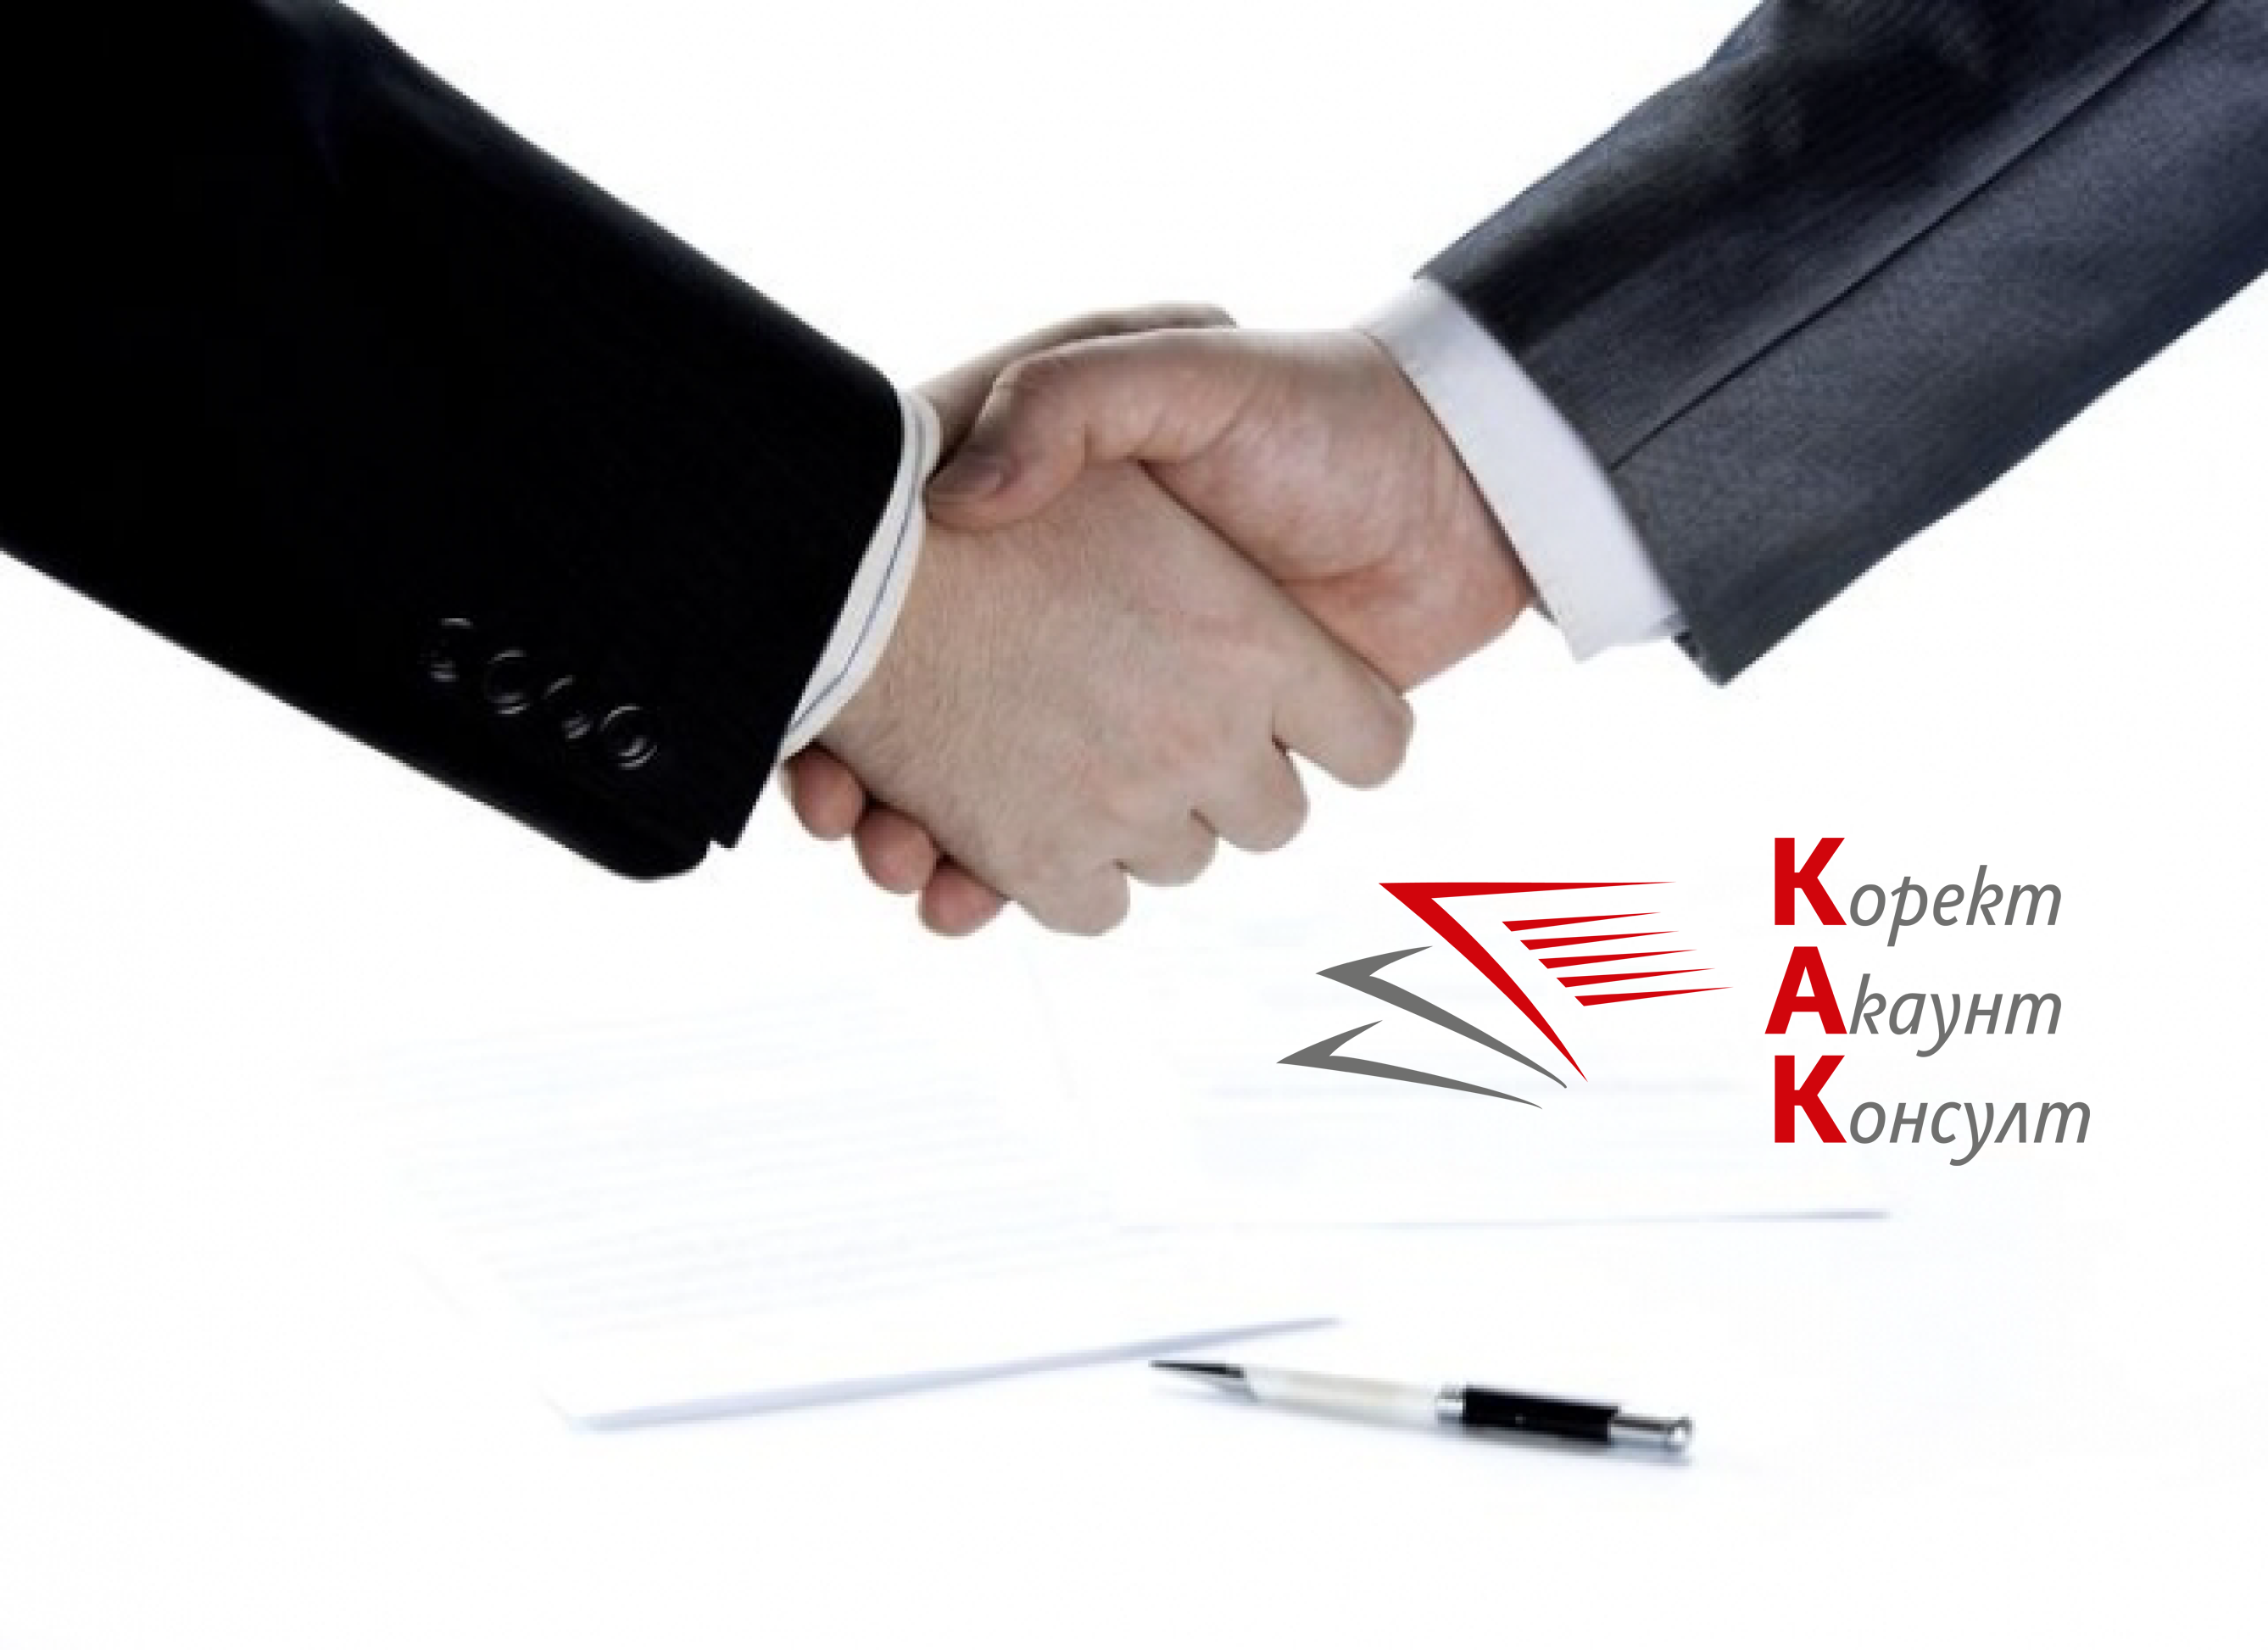 Избягване на корпоративното данъчно облагане: постигнато е споразумение относно данъчните посредници